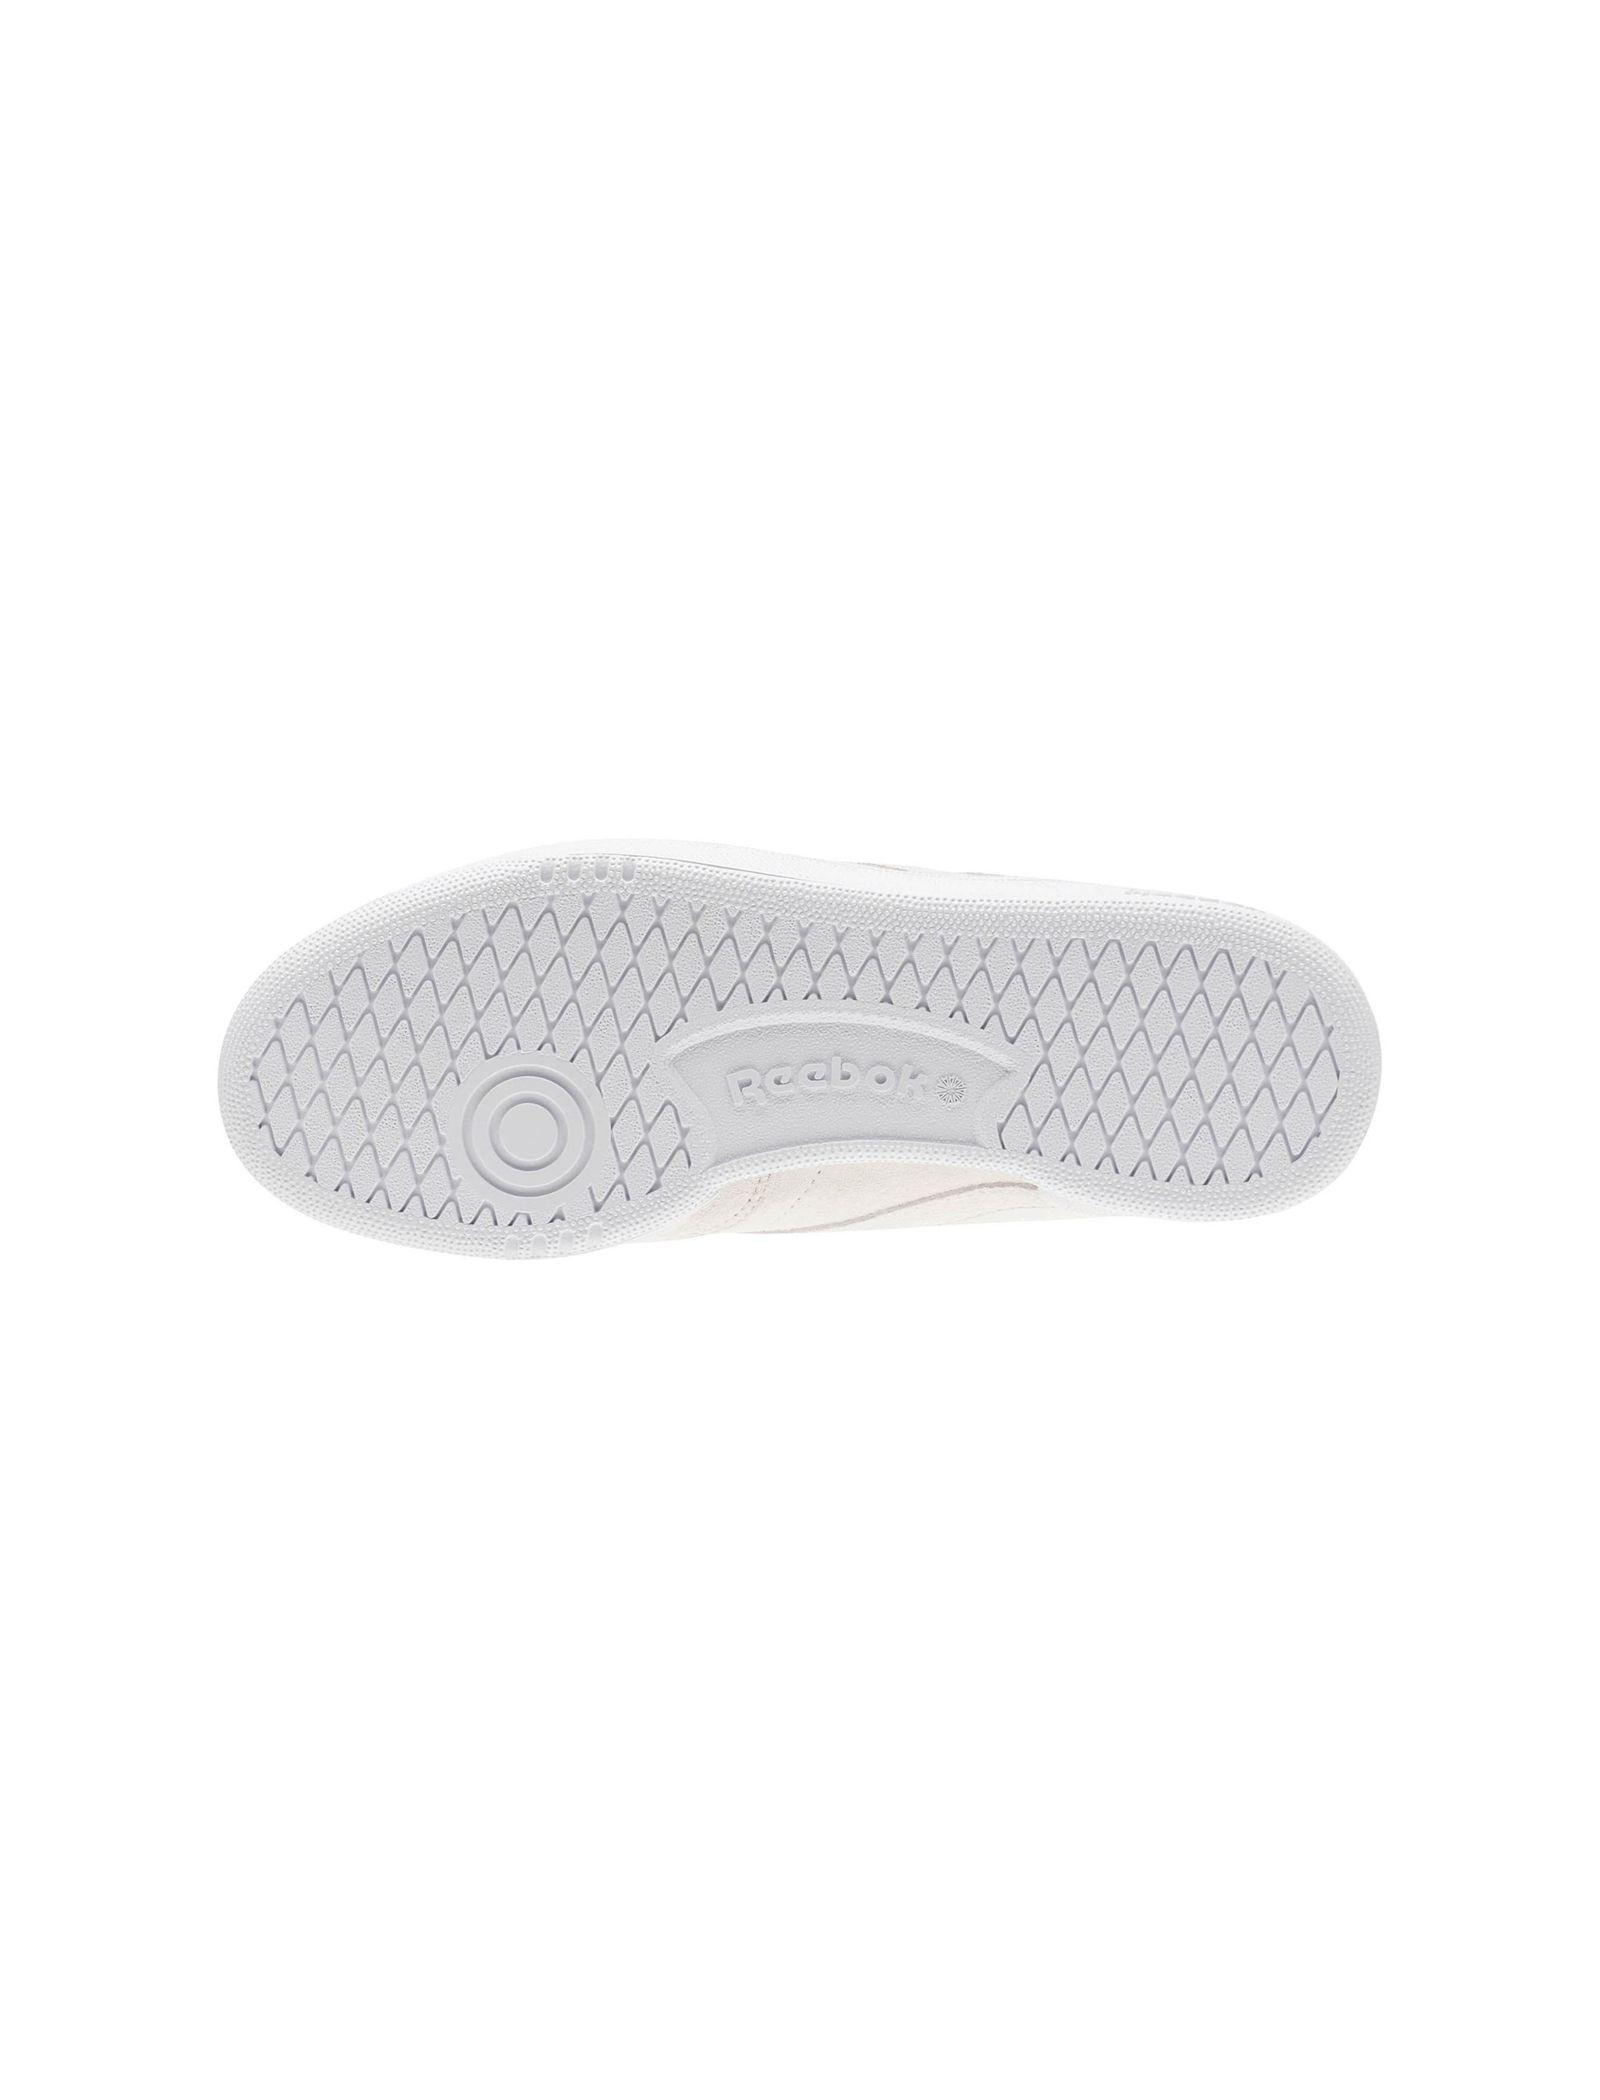 کفش زنانه ریباک مدل CLUB C 85 - صورتي روشن - 2